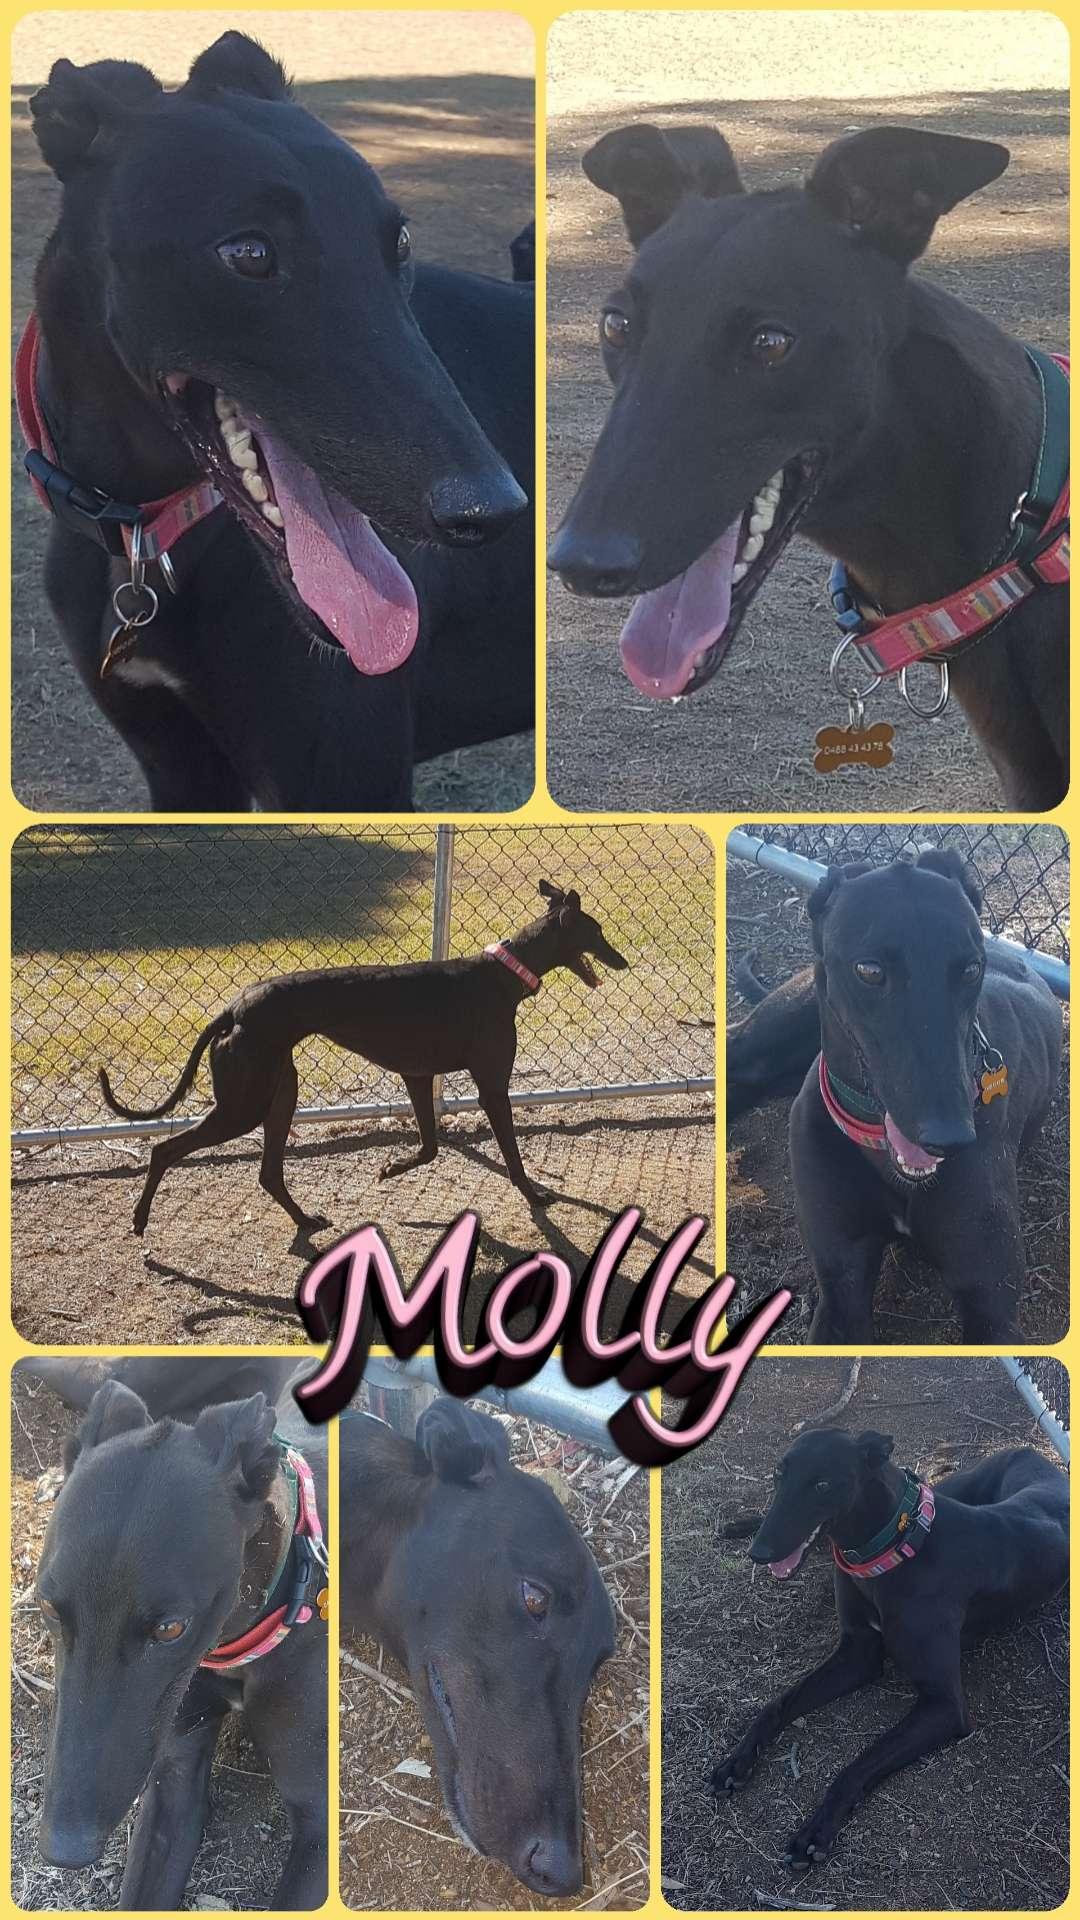 Molly (Maia Dolly)